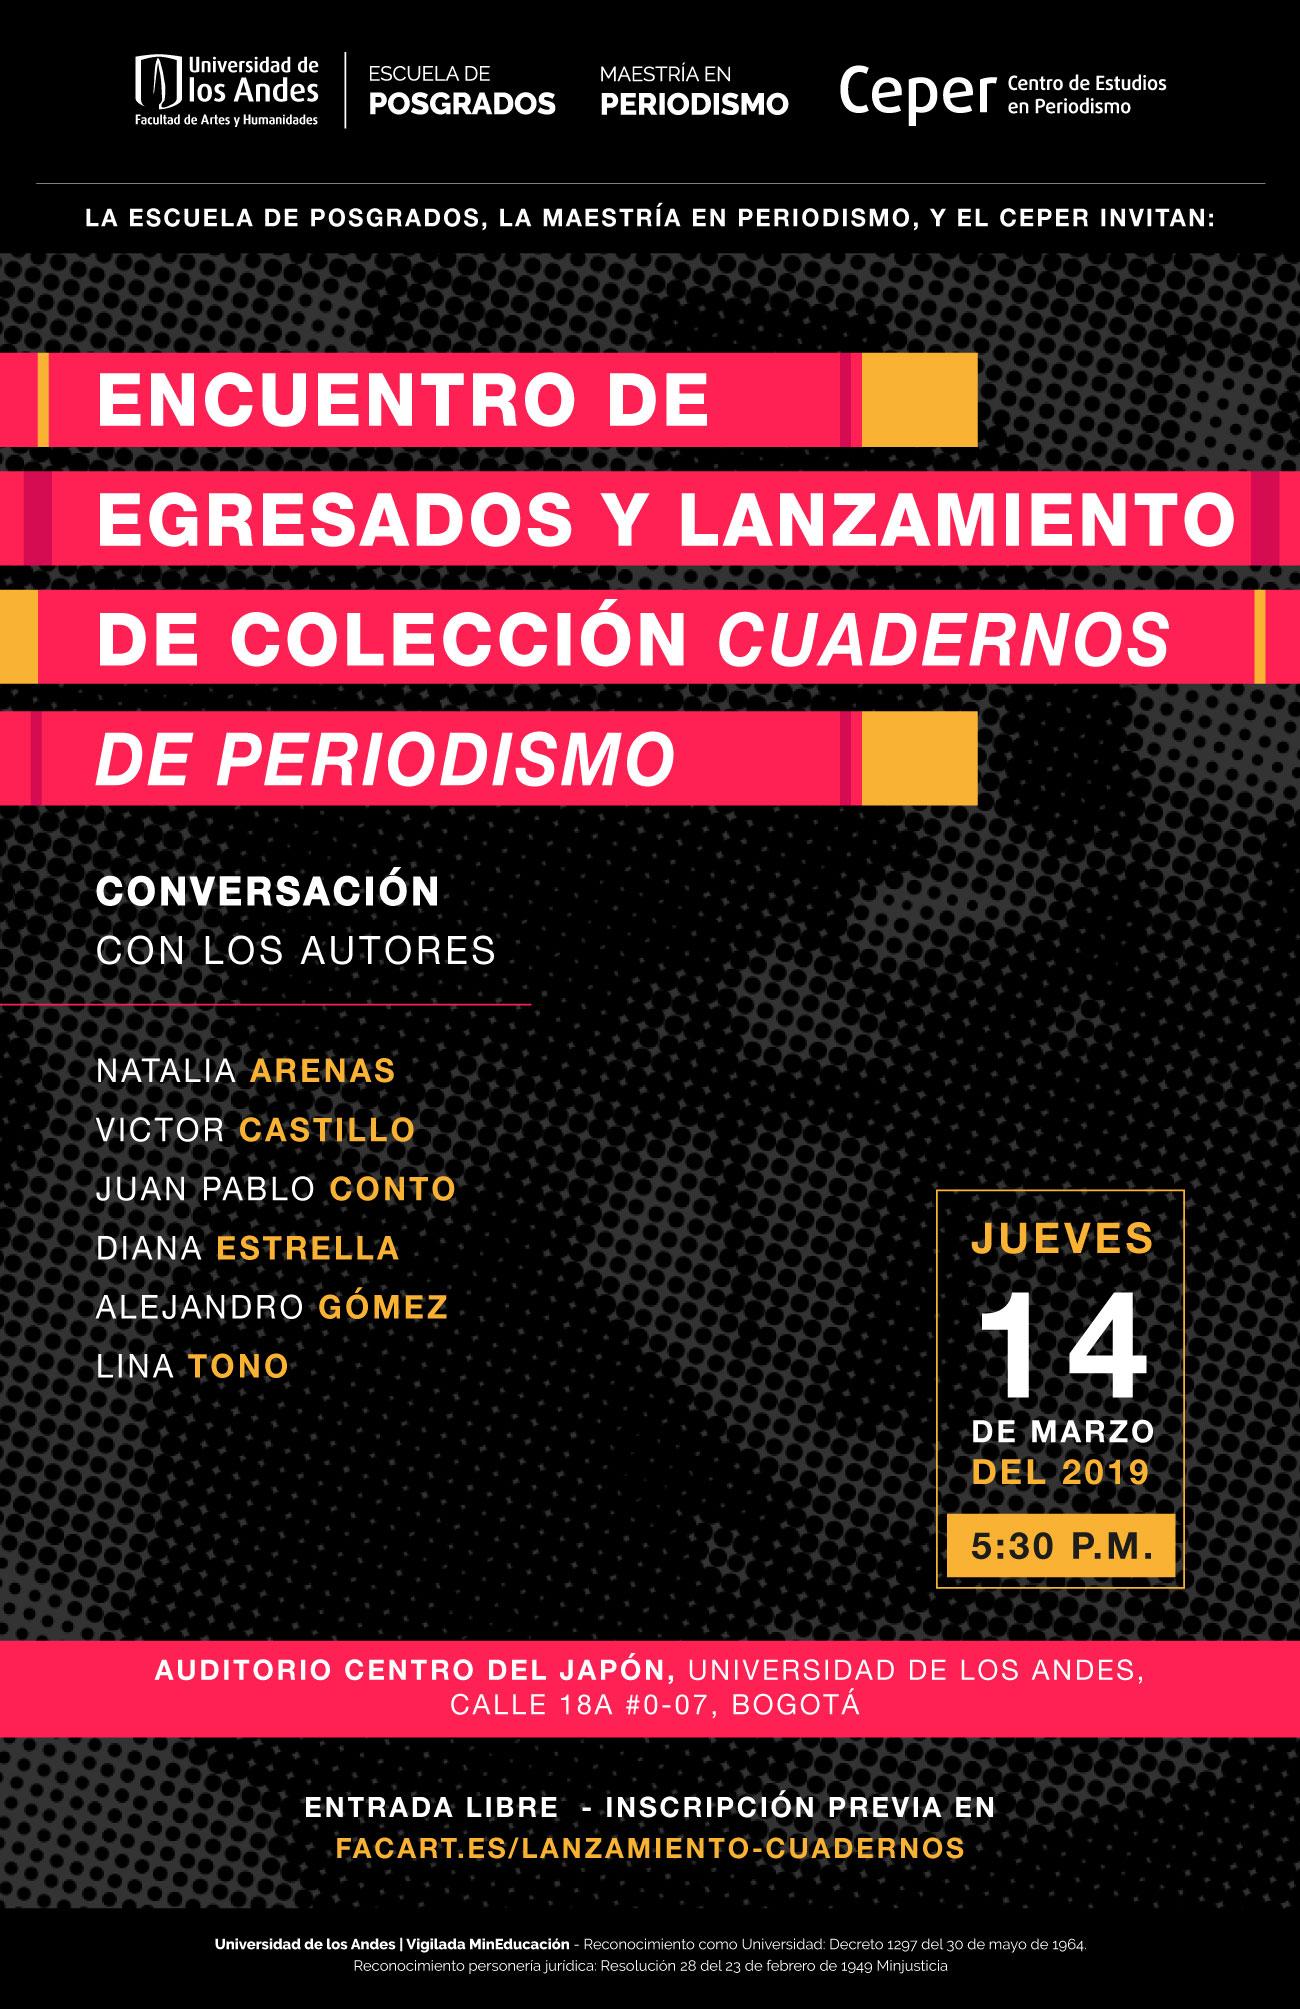 Lanzamiento de la Colección Cuadernos de Periodismo - Universidad de los Andes